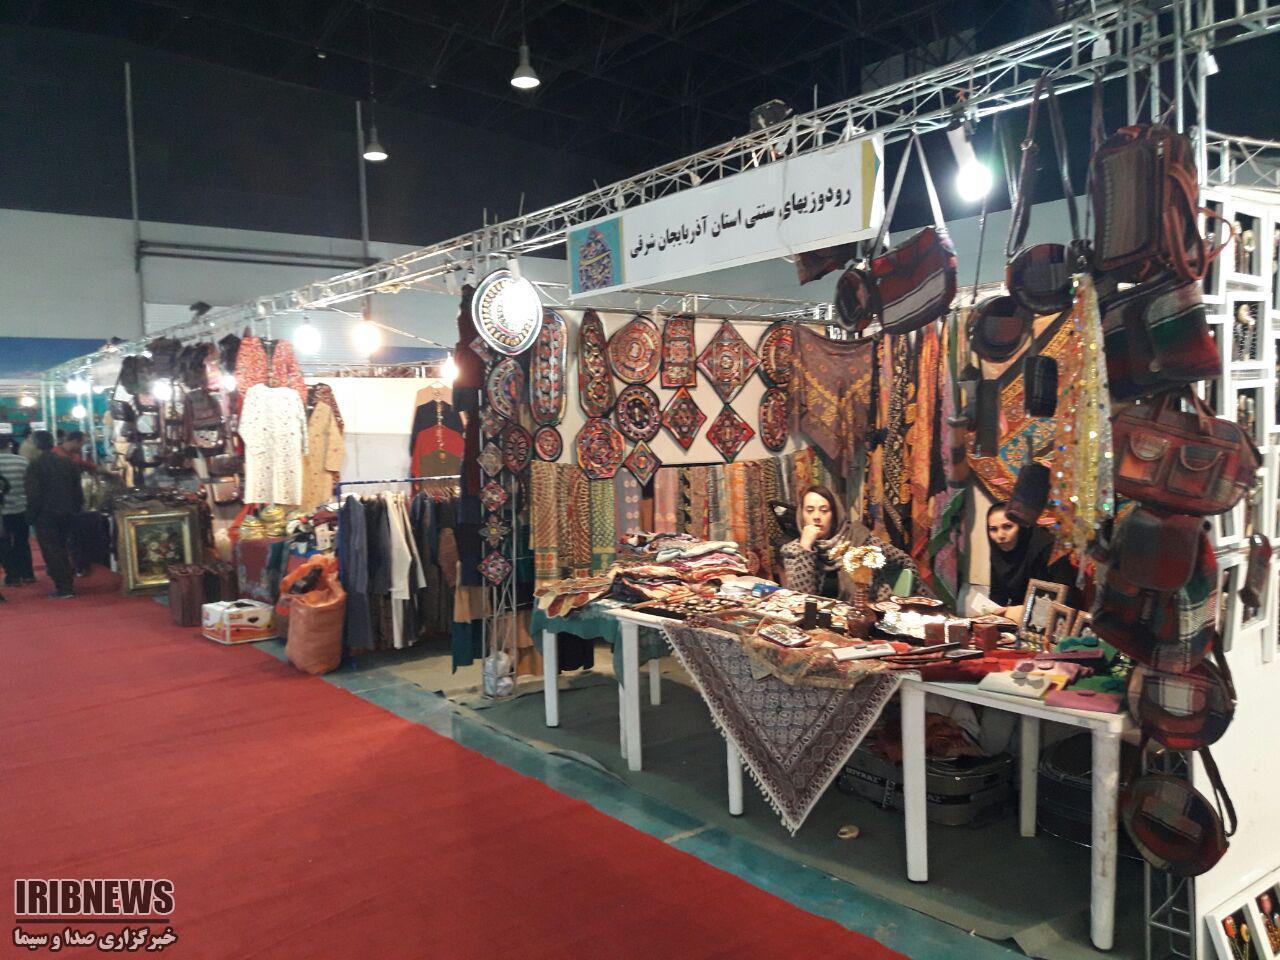 افتتاح هشتمین نمایشگاه سراسری صنایع دستی و هنرهای تجسمی در مشهد